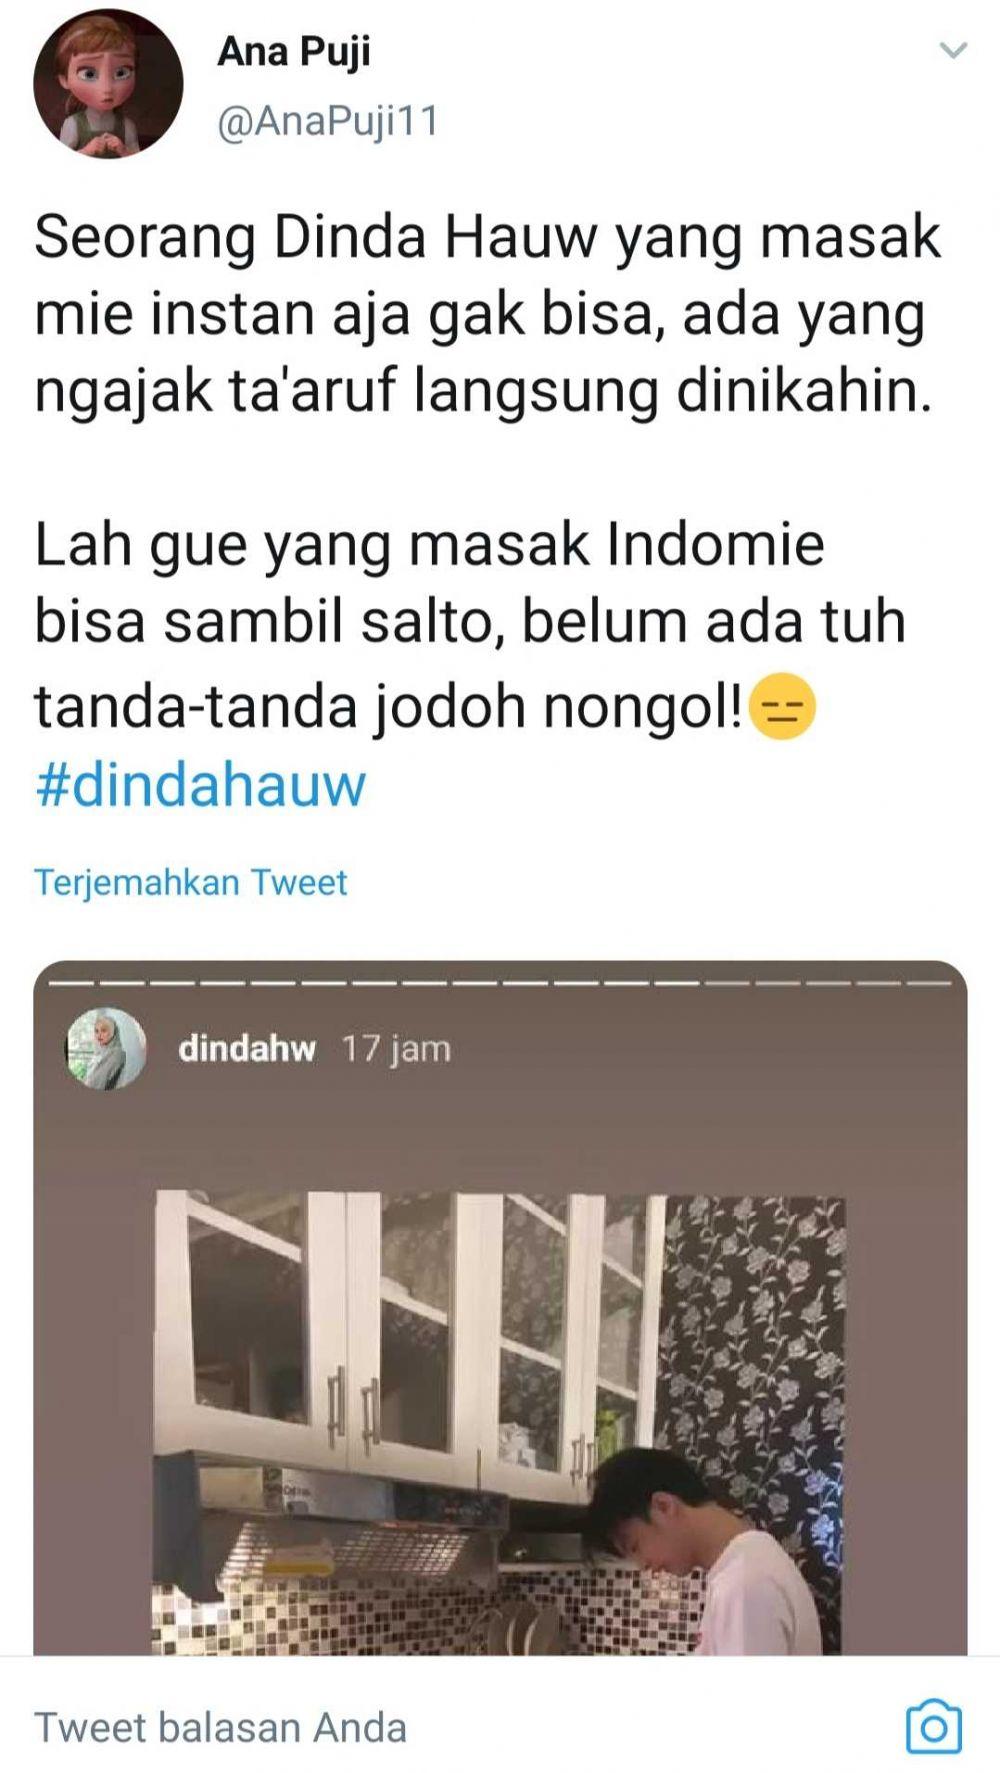 Dinda Hauw Ngaku Gak Bisa Masak Mie Instan, 9 Tanggapan Kocak Netizen